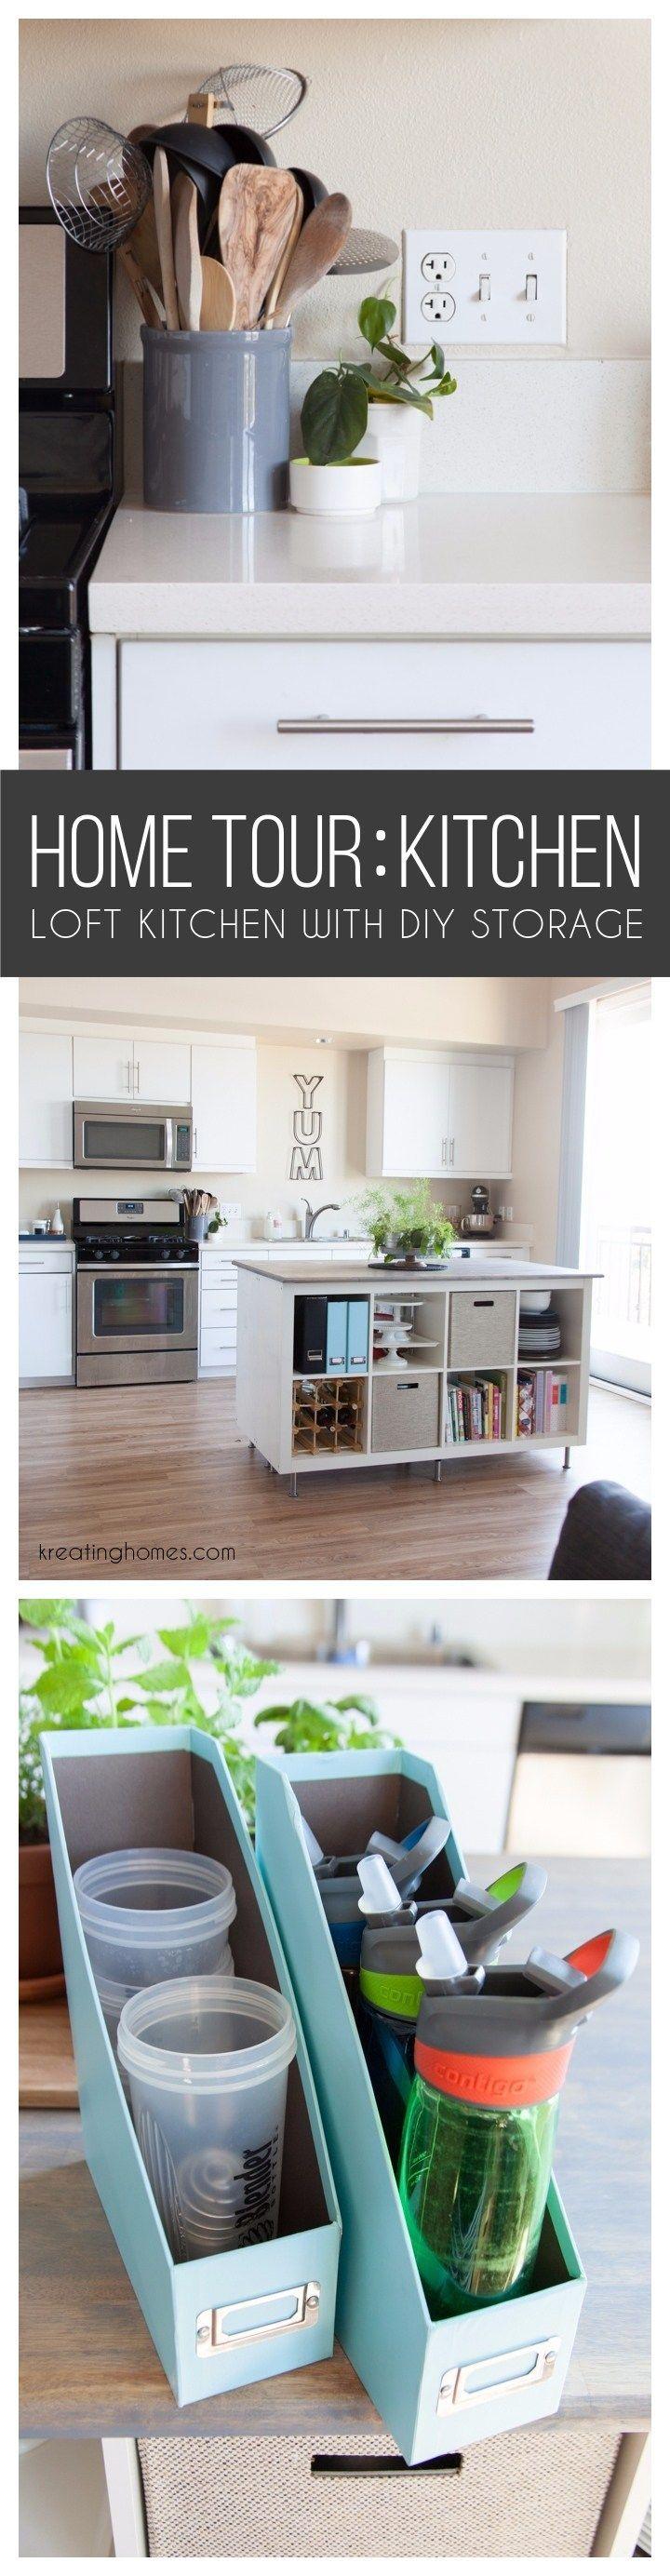 195 best Kitchen Designs images on Pinterest   Kitchen maid cabinets ...